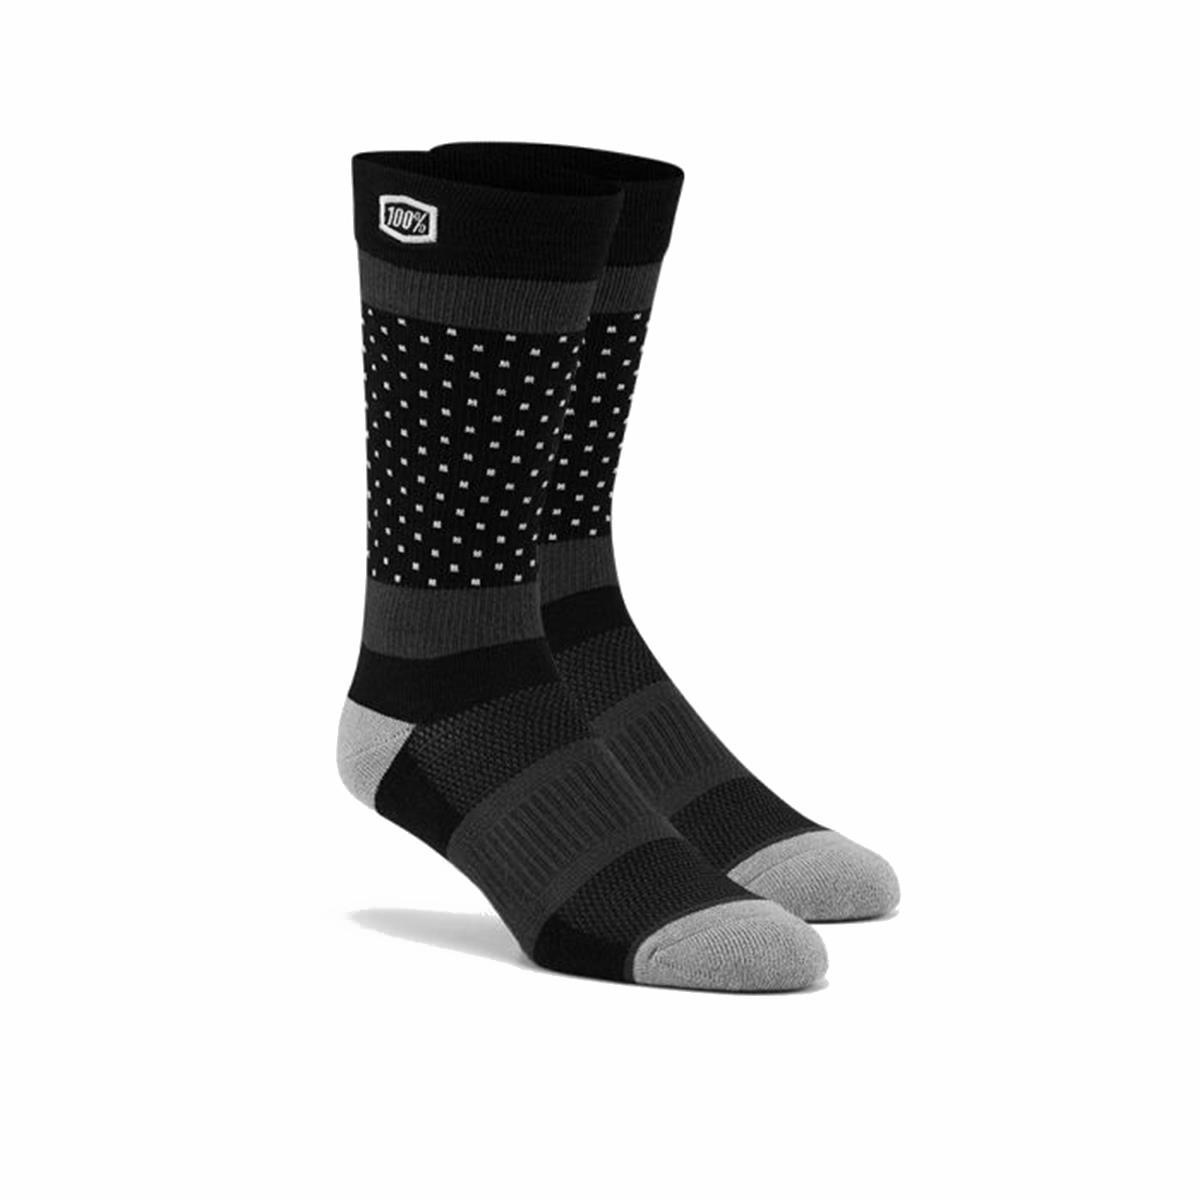 100% Socken Opposition Schwarz